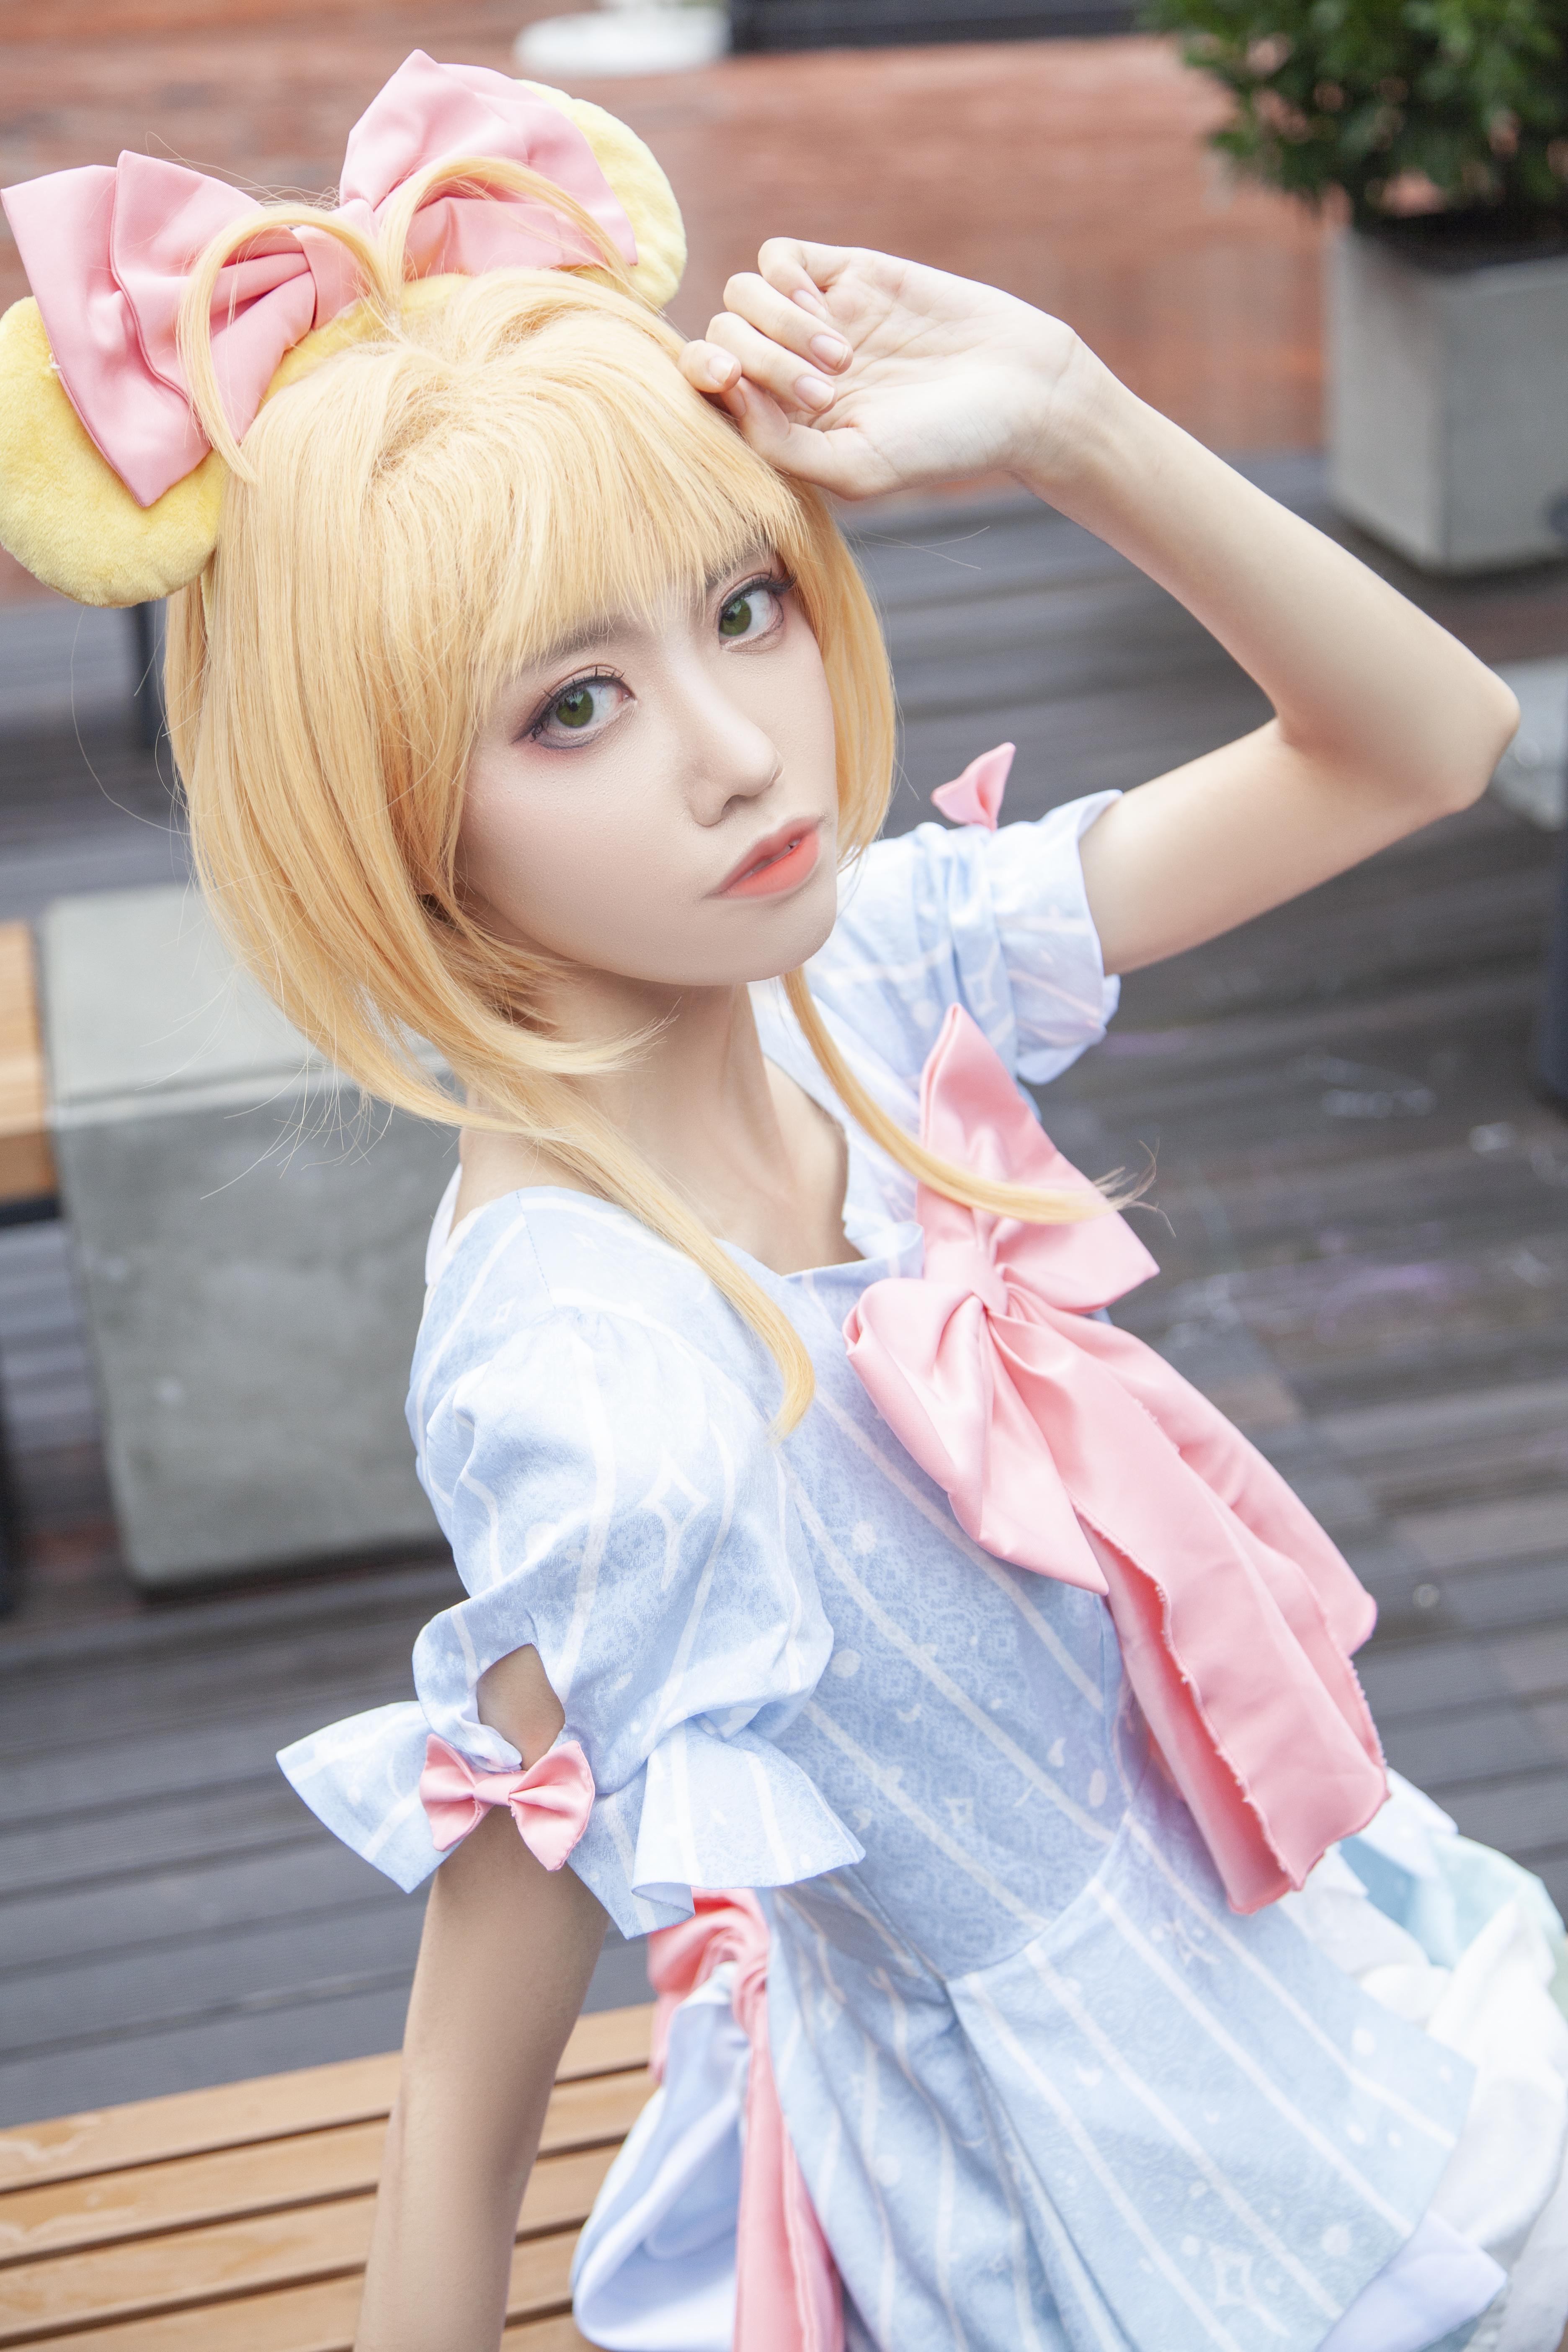 《魔卡少女樱》正片cosplay【CN:Coser_米饭】 -cosplay图集图片插图